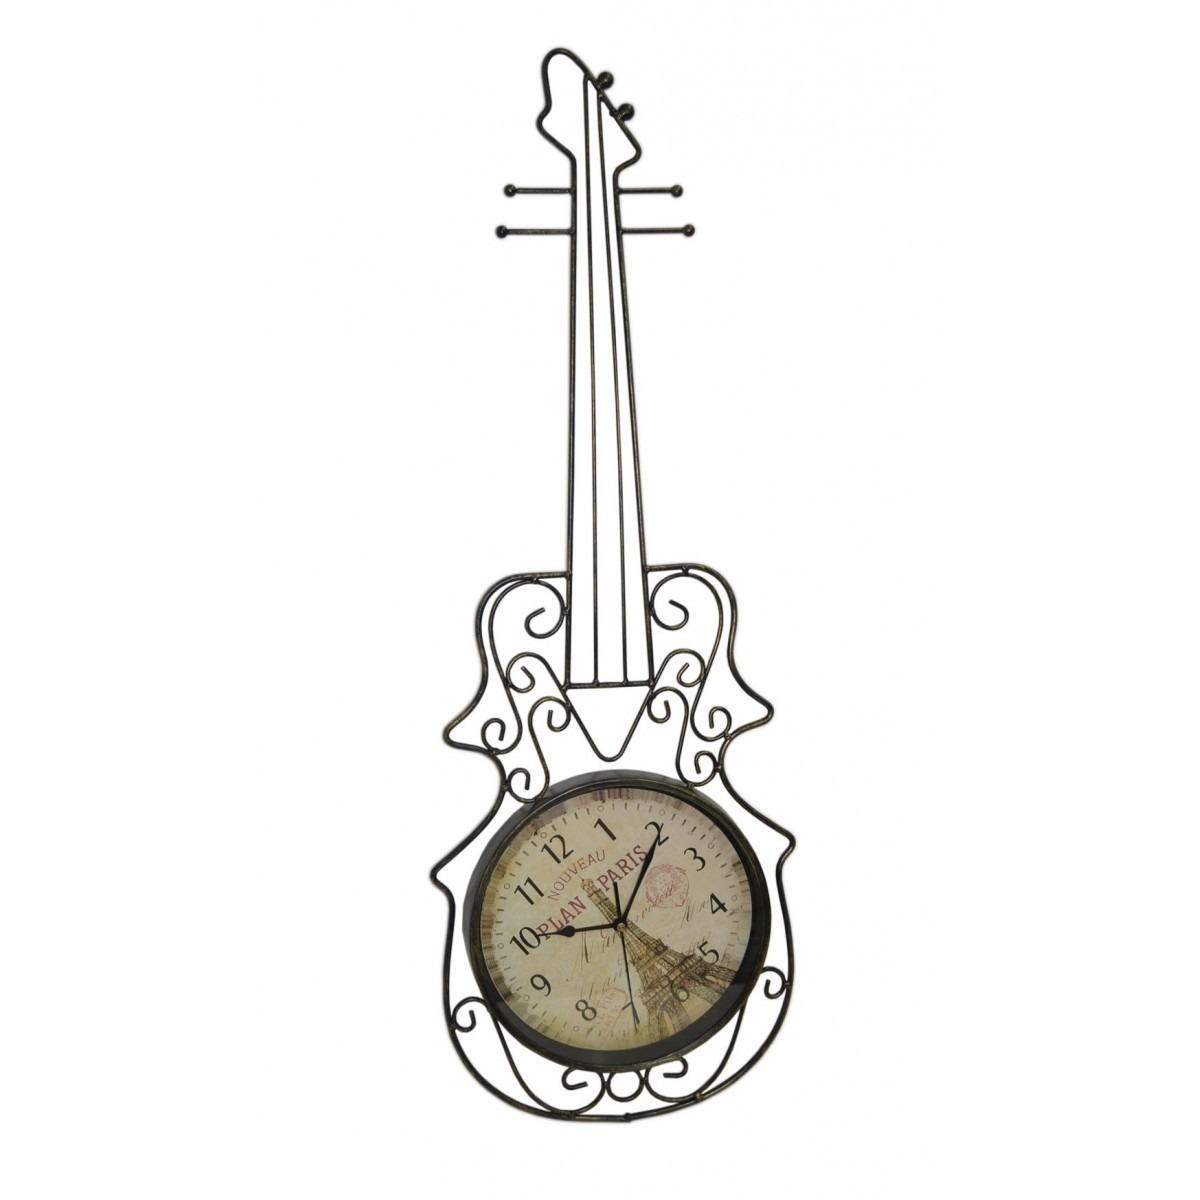 Relogio Parede Violino Vintage Retro Decorativo Decoracao (REL-44)